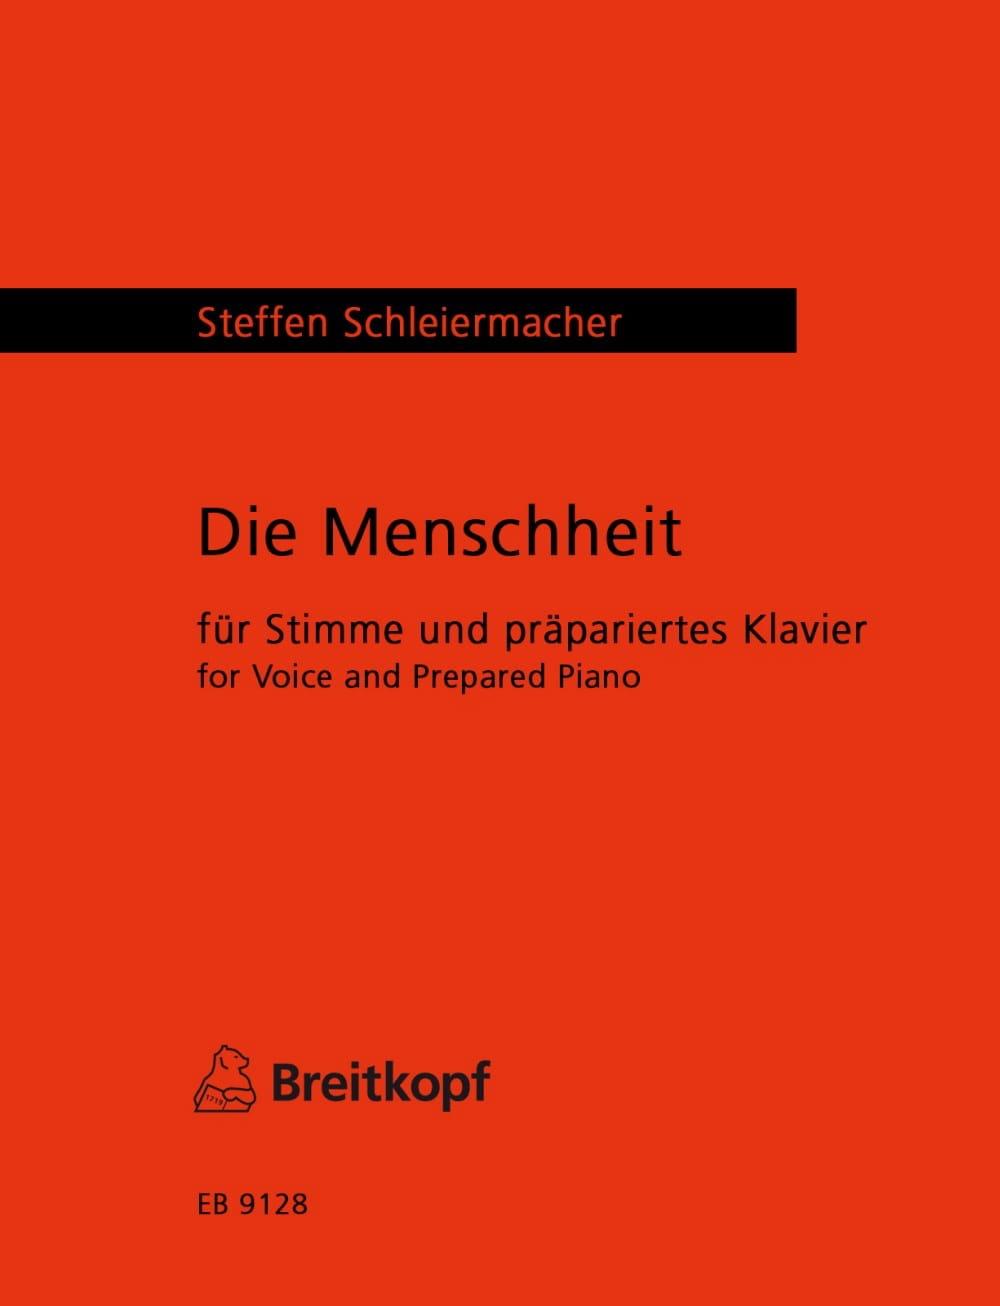 Die Menscheheit - Steffen Schleiermacher - laflutedepan.com